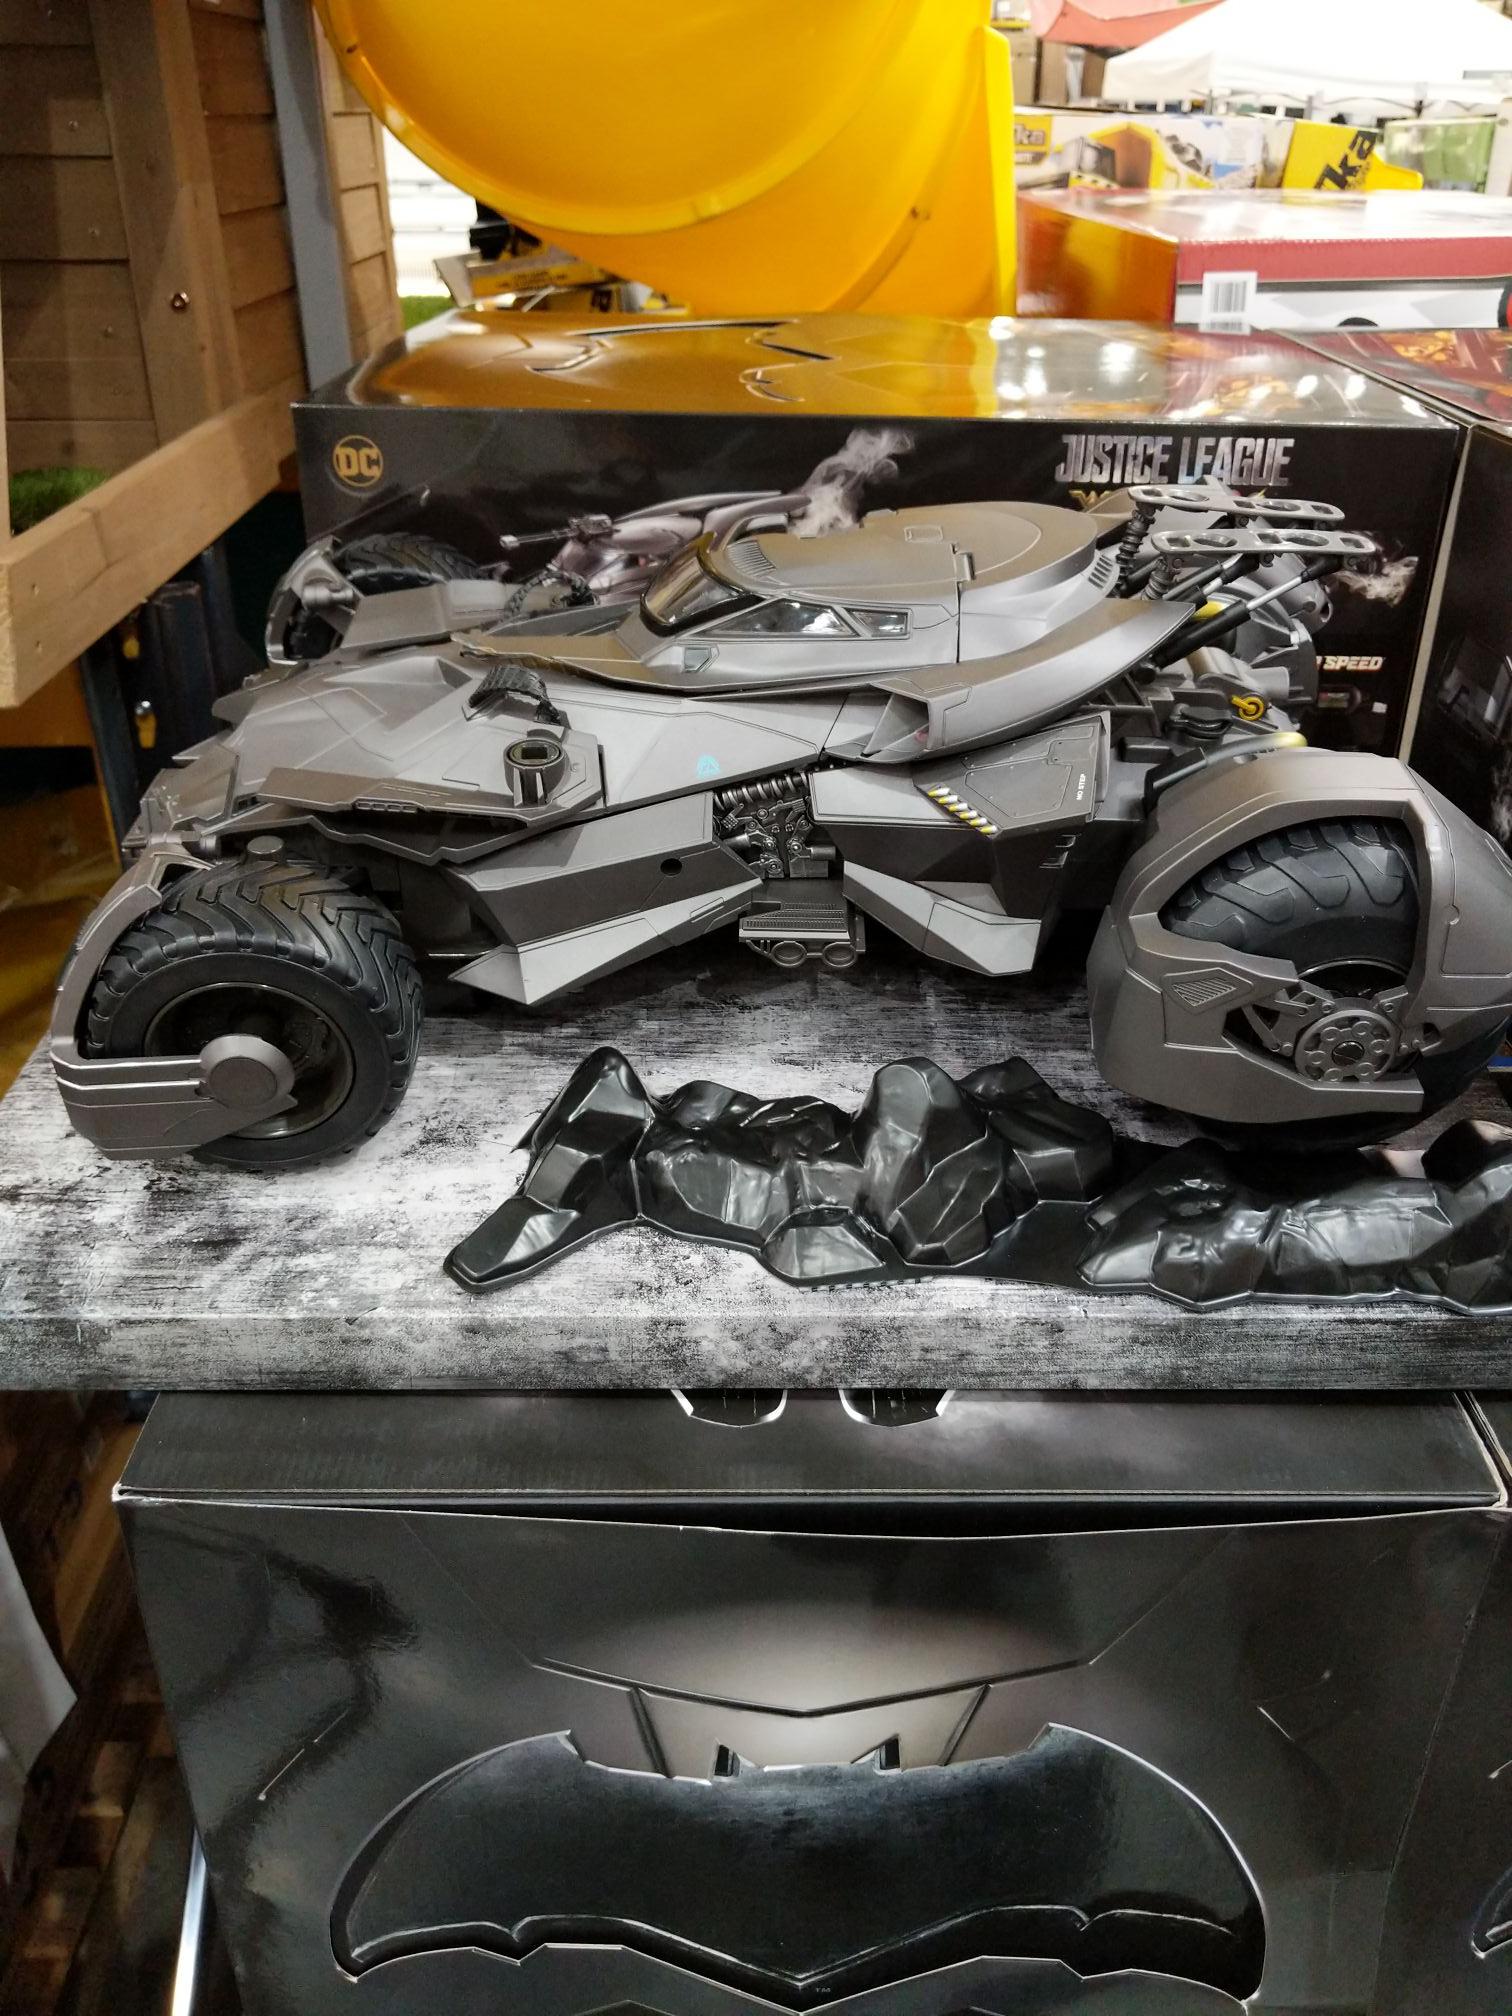 Justice League Ultimate Batmobile with Batman figure £119.98 instore @ Costco